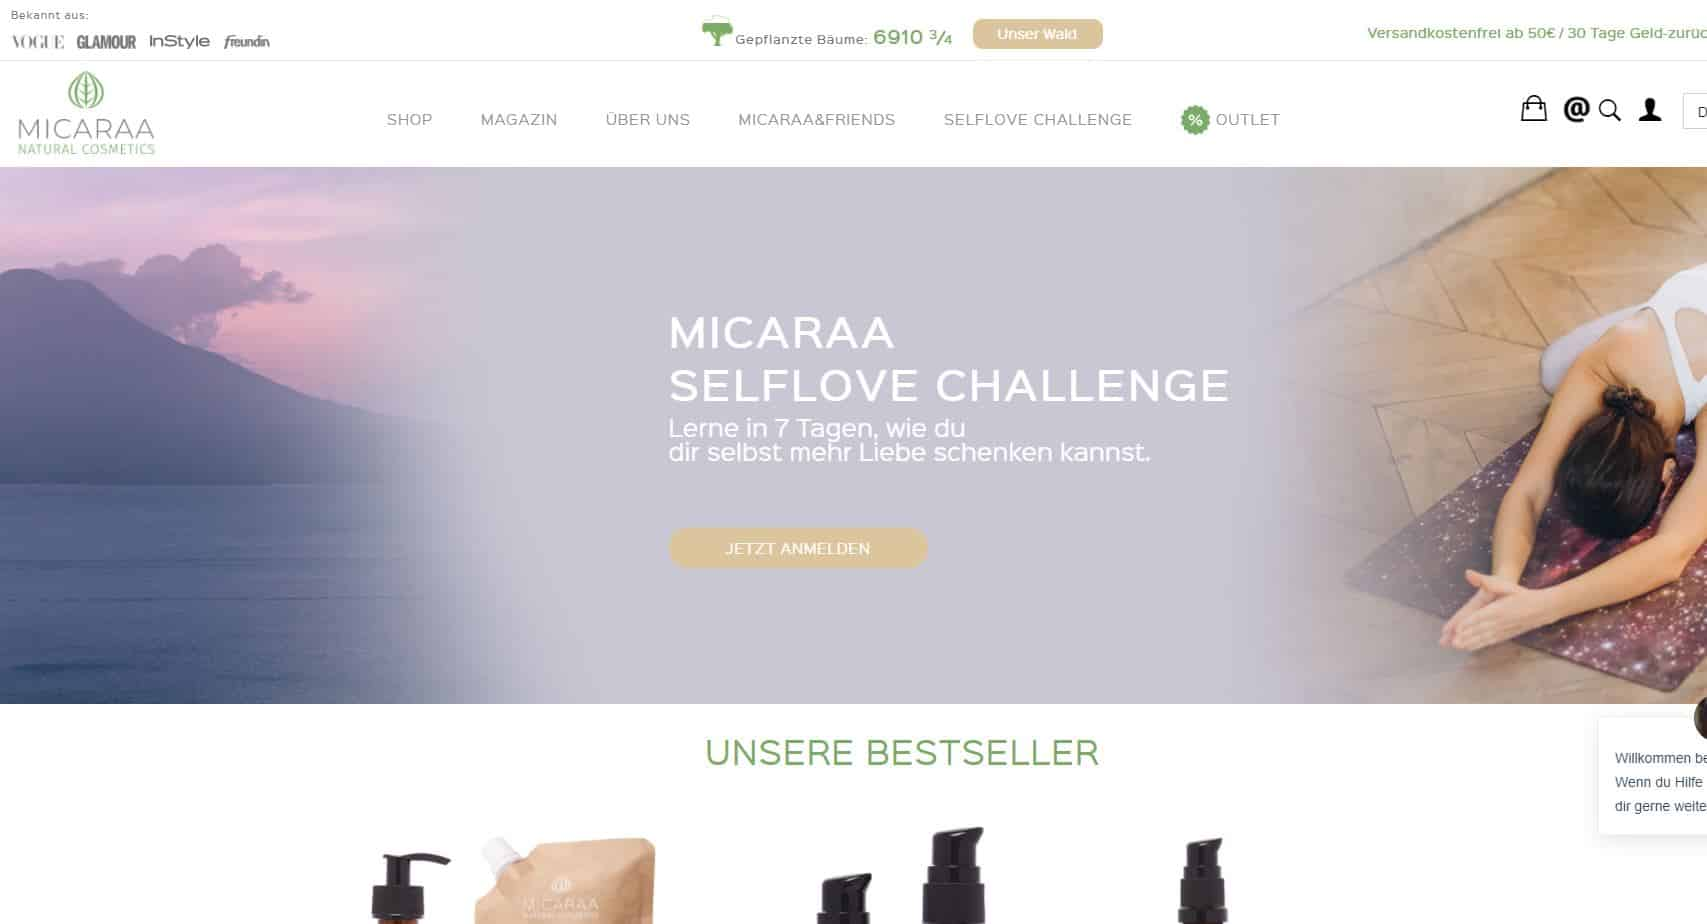 micaraa screenshot